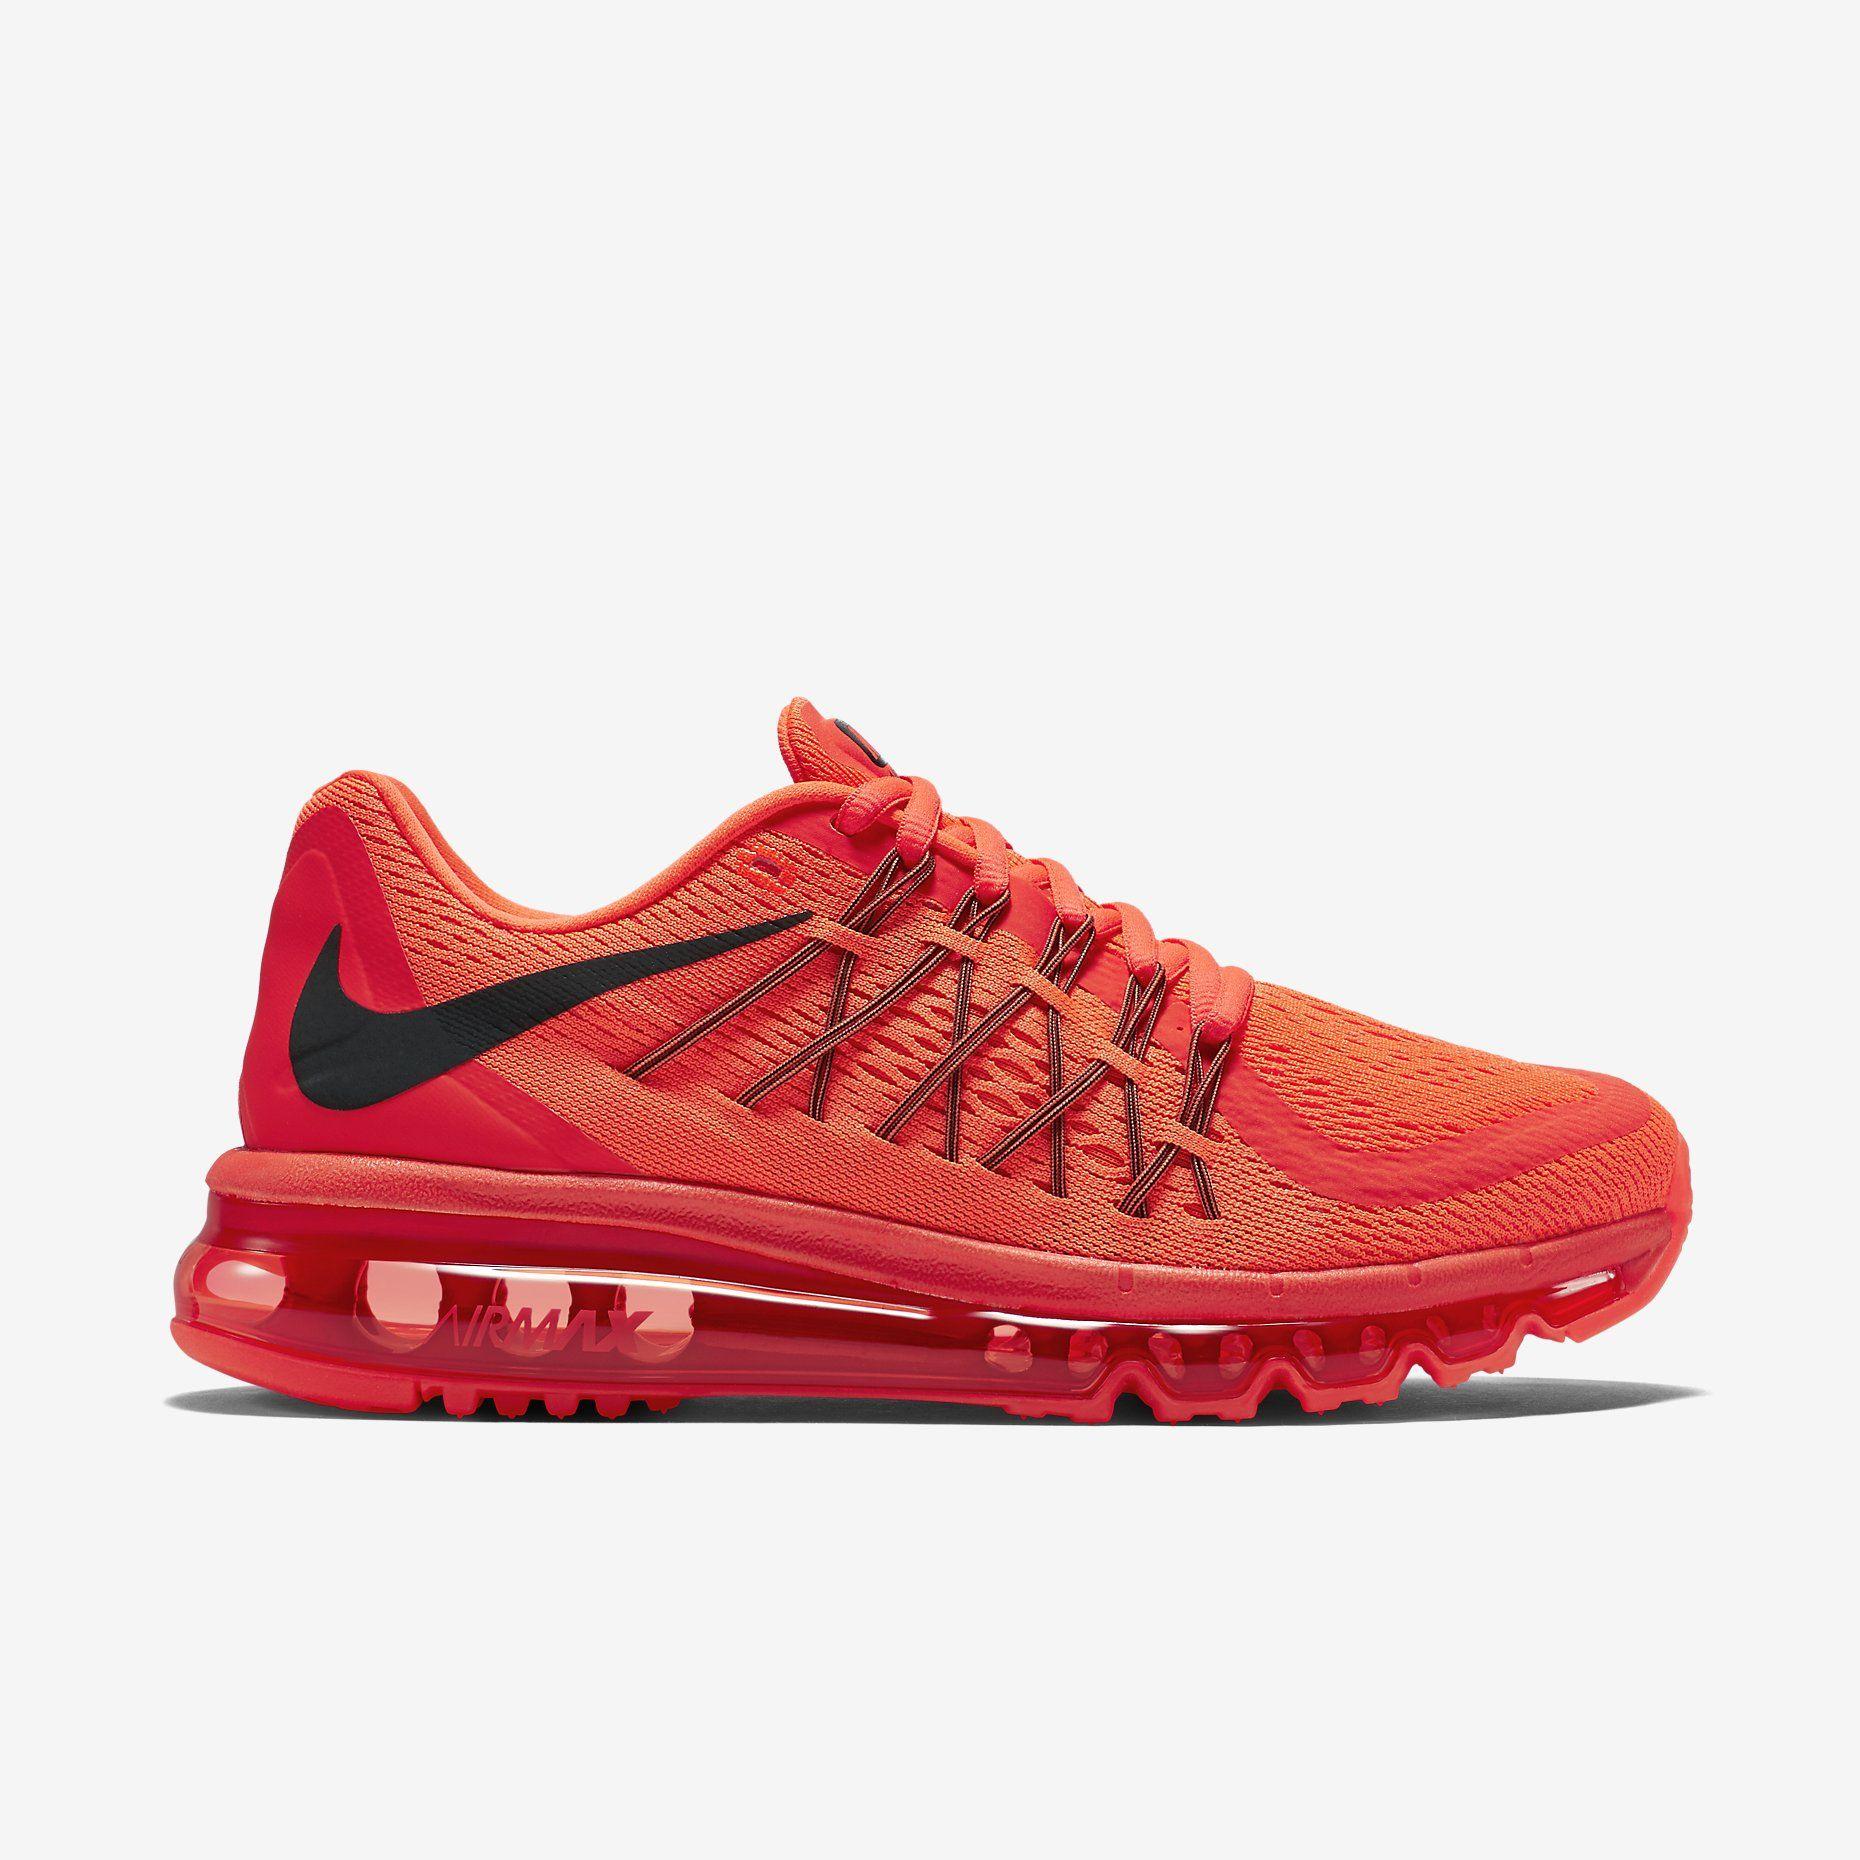 Nike Air Max 2015 Anniversary Pack Women's Running Shoe